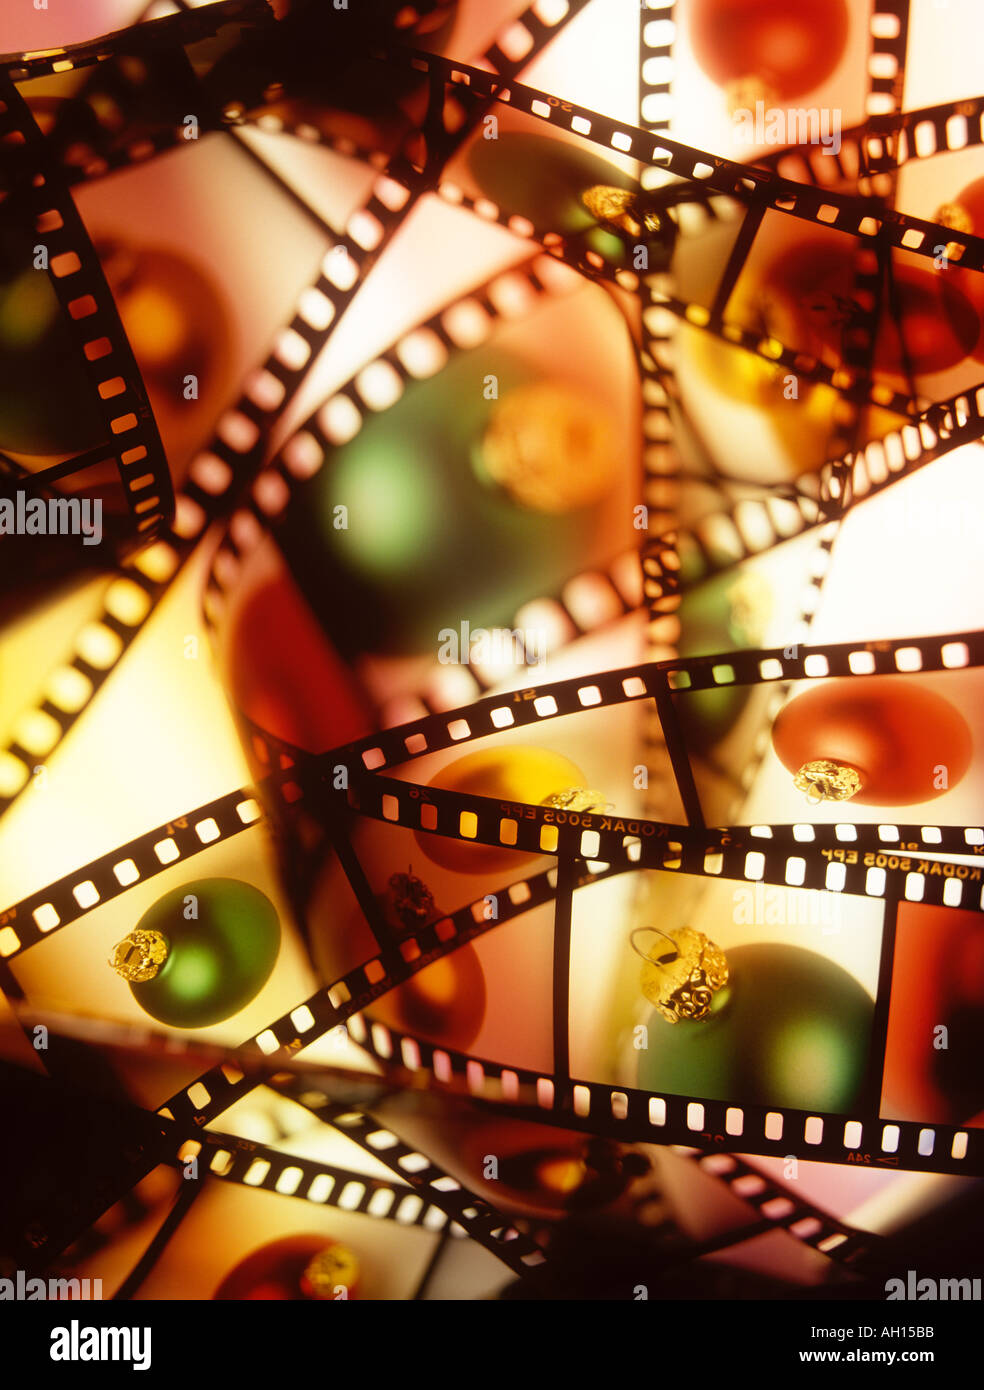 Natale baulbles fotografato su 35mm Pellicola della fotocamera Immagini Stock